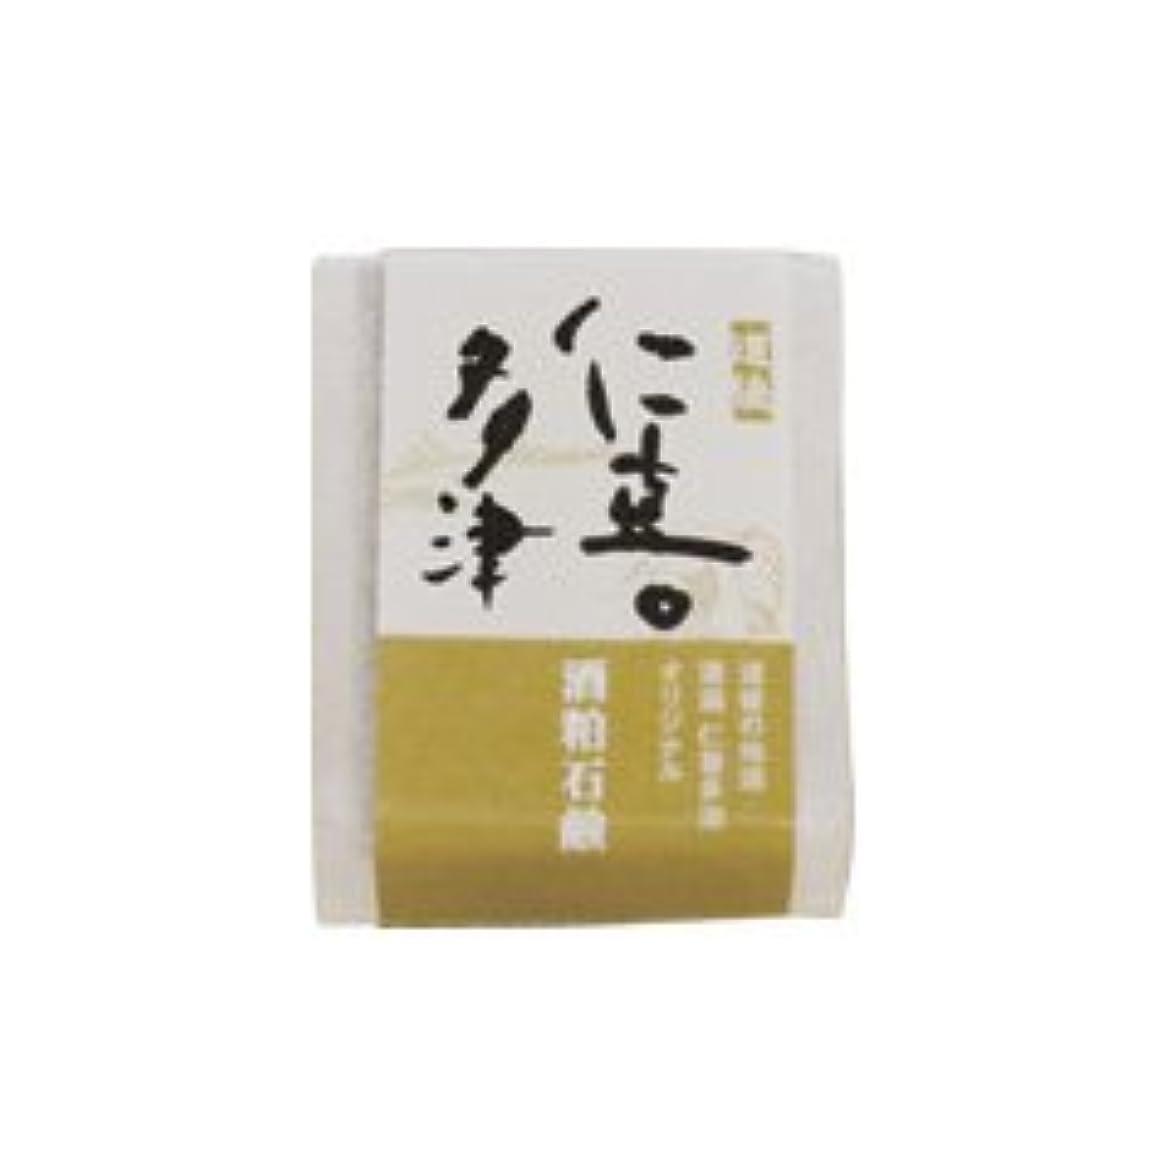 よく話されるマウンドアレキサンダーグラハムベル仁喜多津 オリジナル 酒粕石鹸 60g